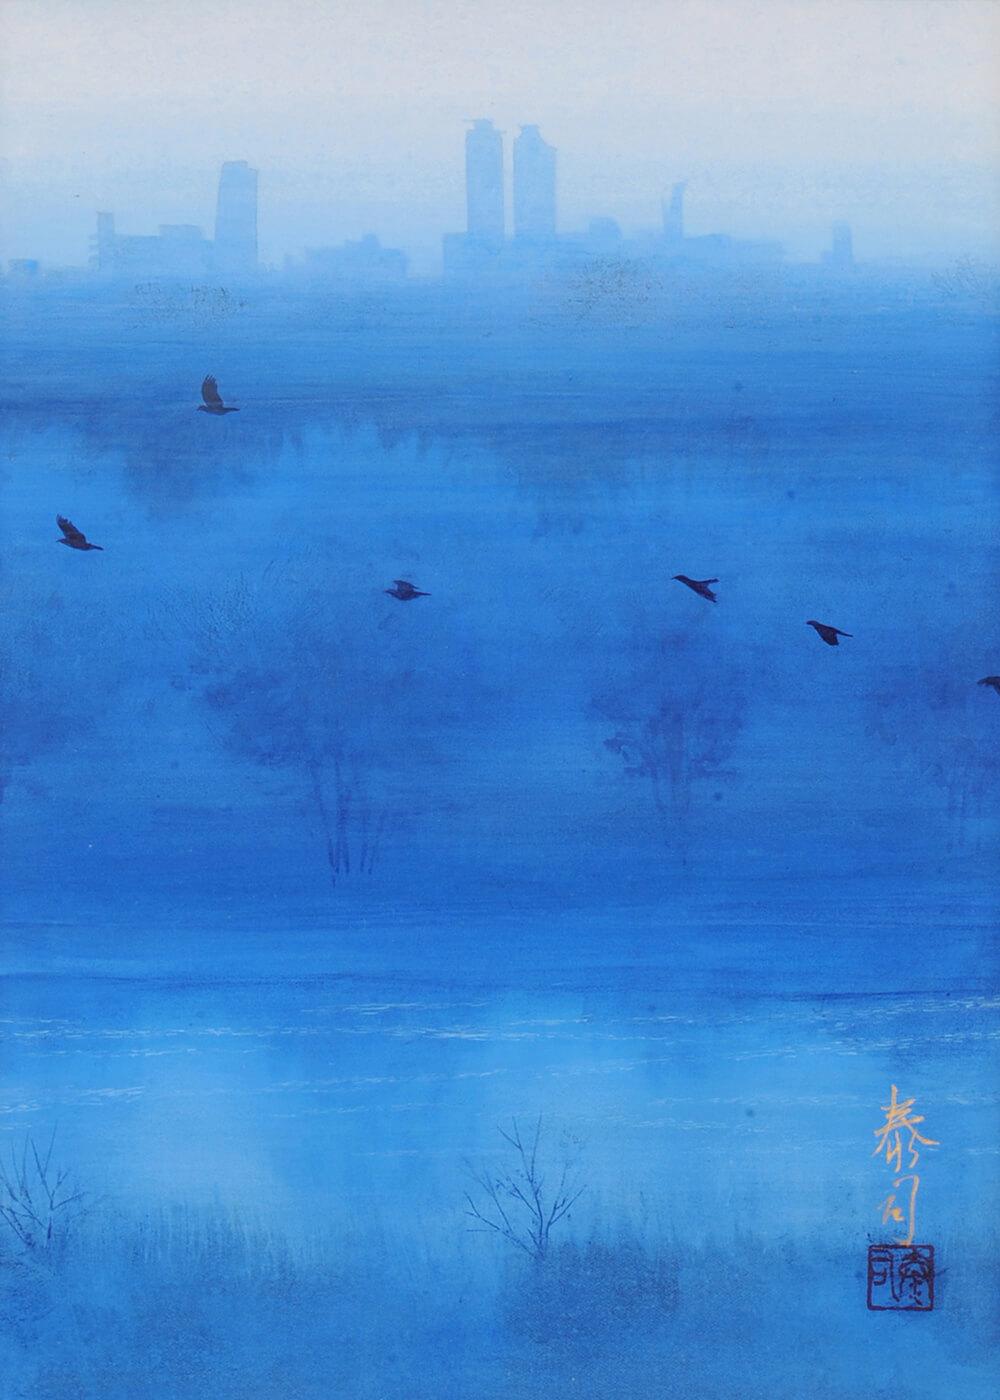 2013年1月11日から開催の「癸巳 橘 泰司 日本画 展」の橘 泰司の作品13